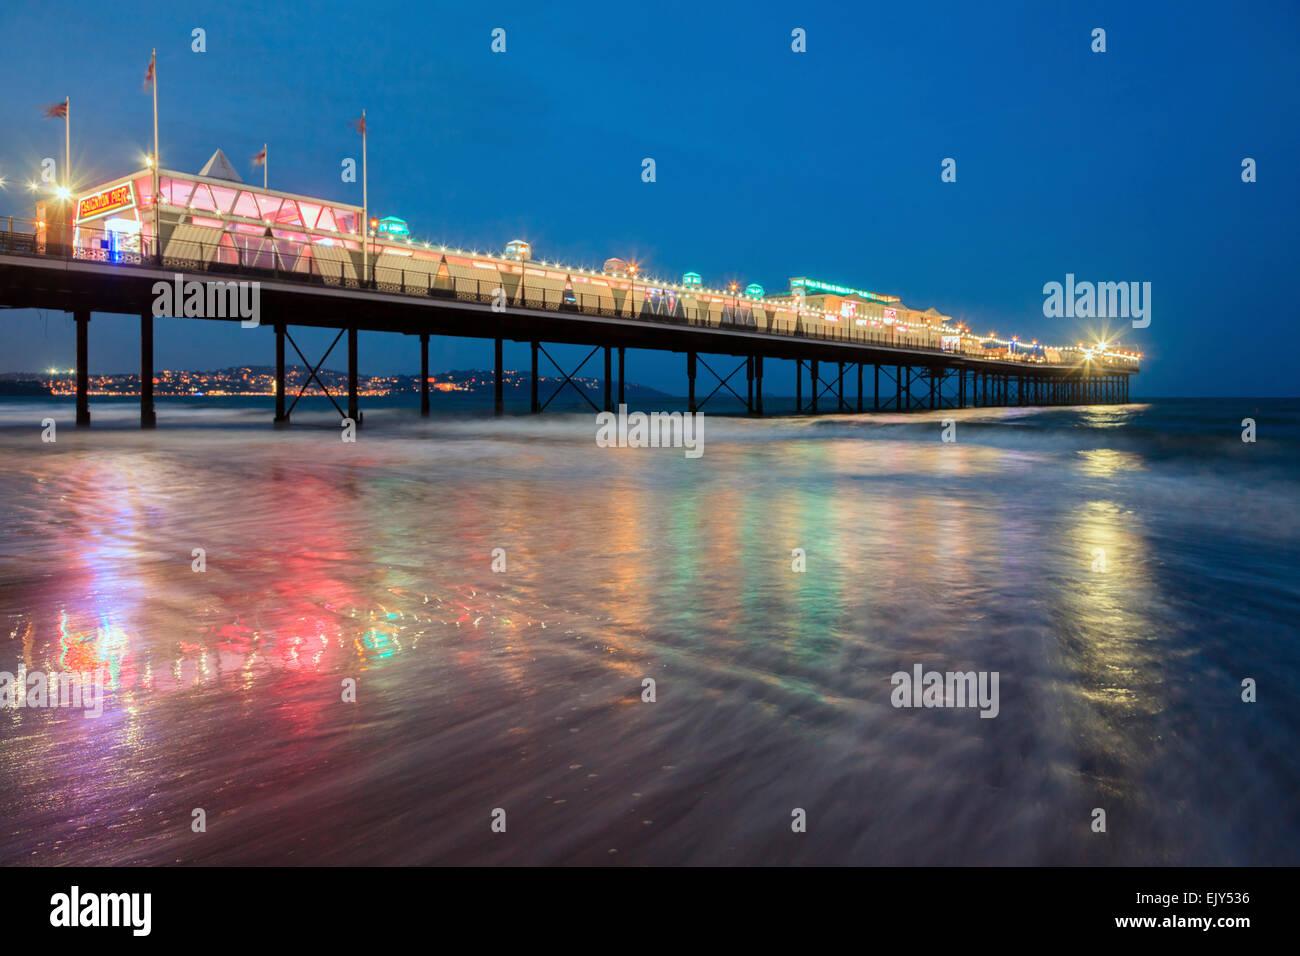 Paignton Pier in Torbay, catturati durante le ore del crepuscolo. Immagini Stock